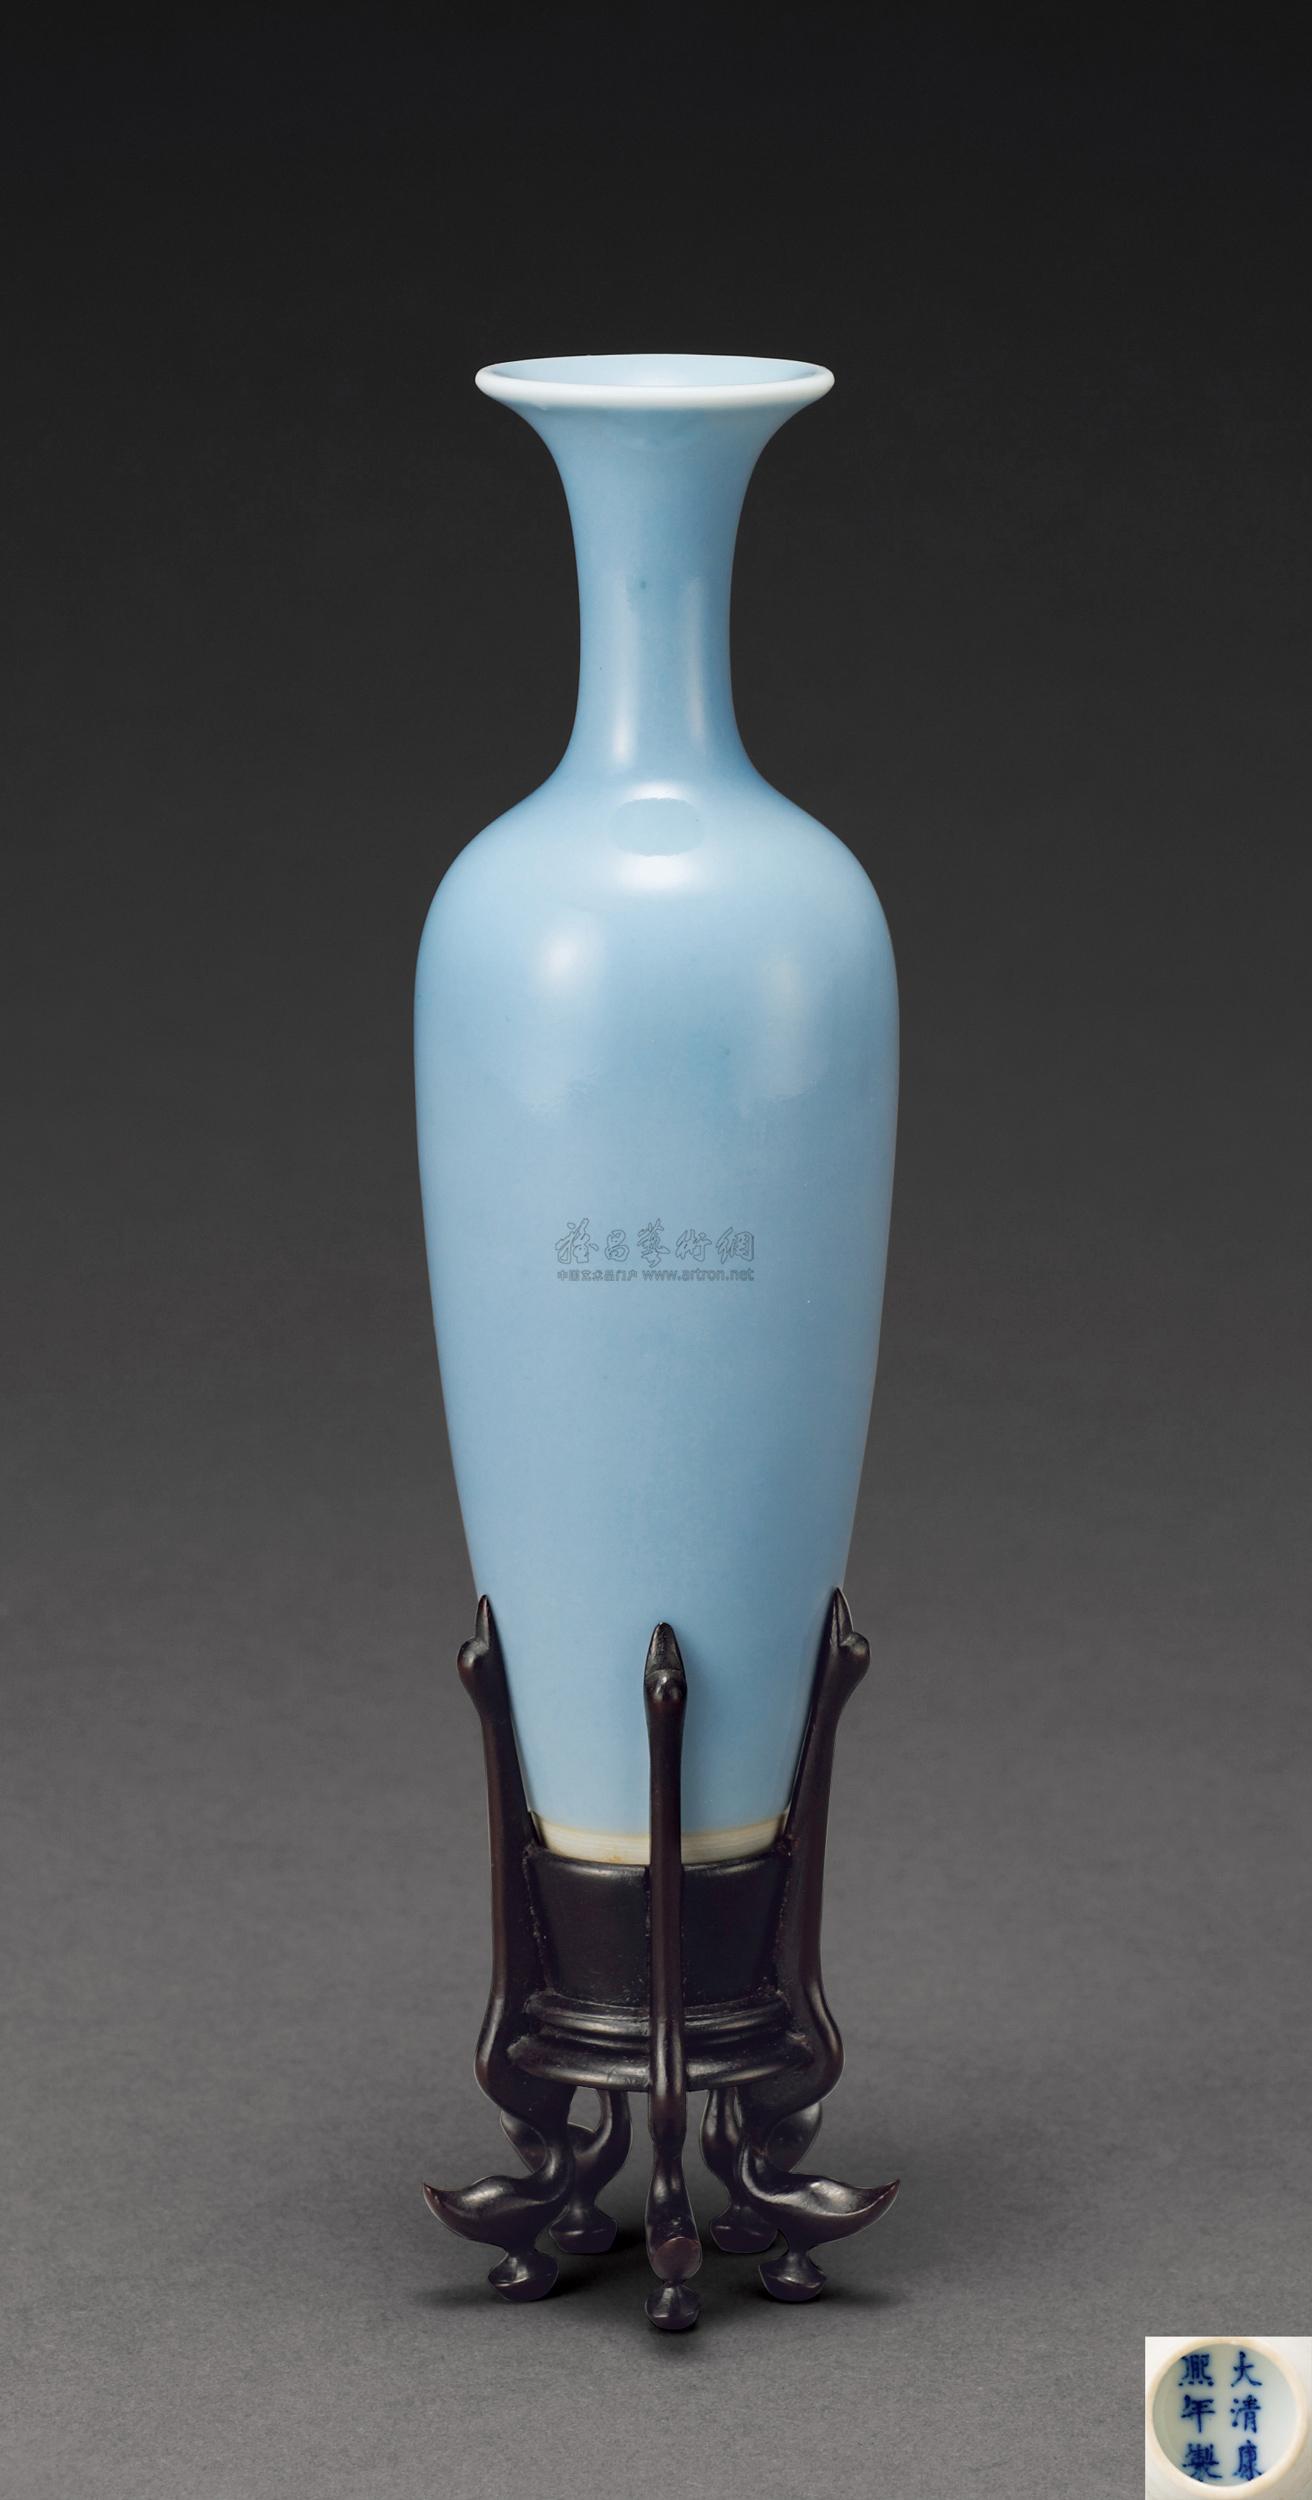 1918 清康熙 天蓝釉柳叶瓶图片